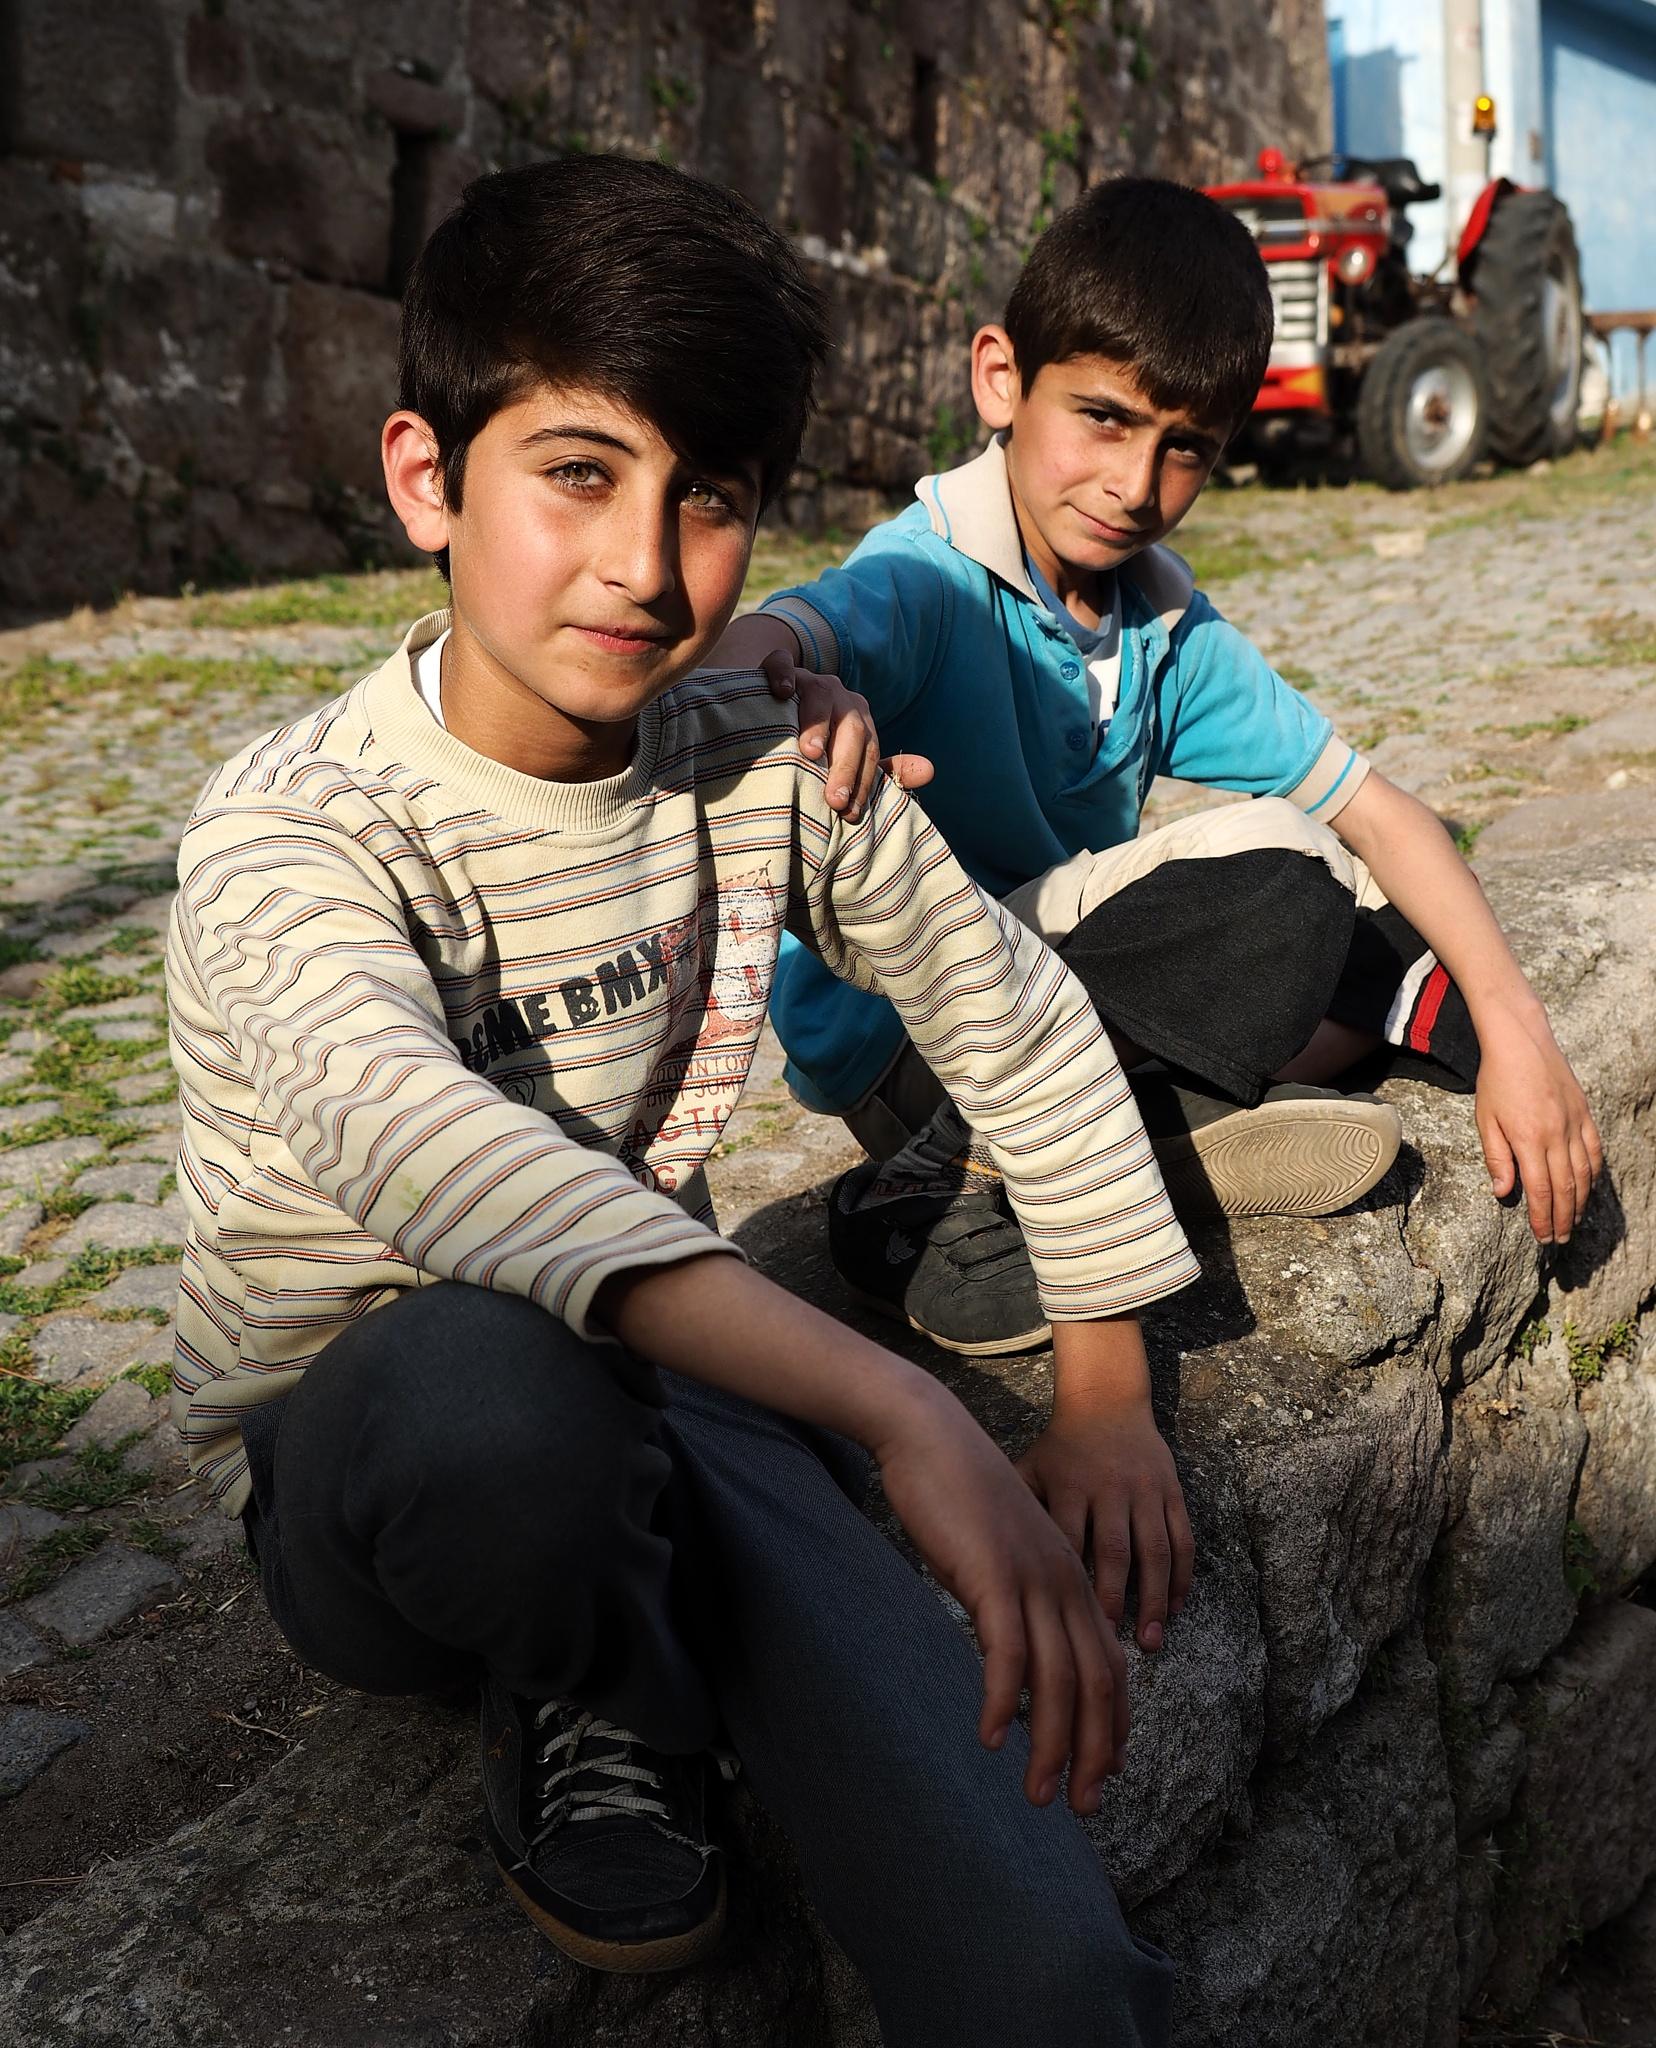 friends by İlkerTuran